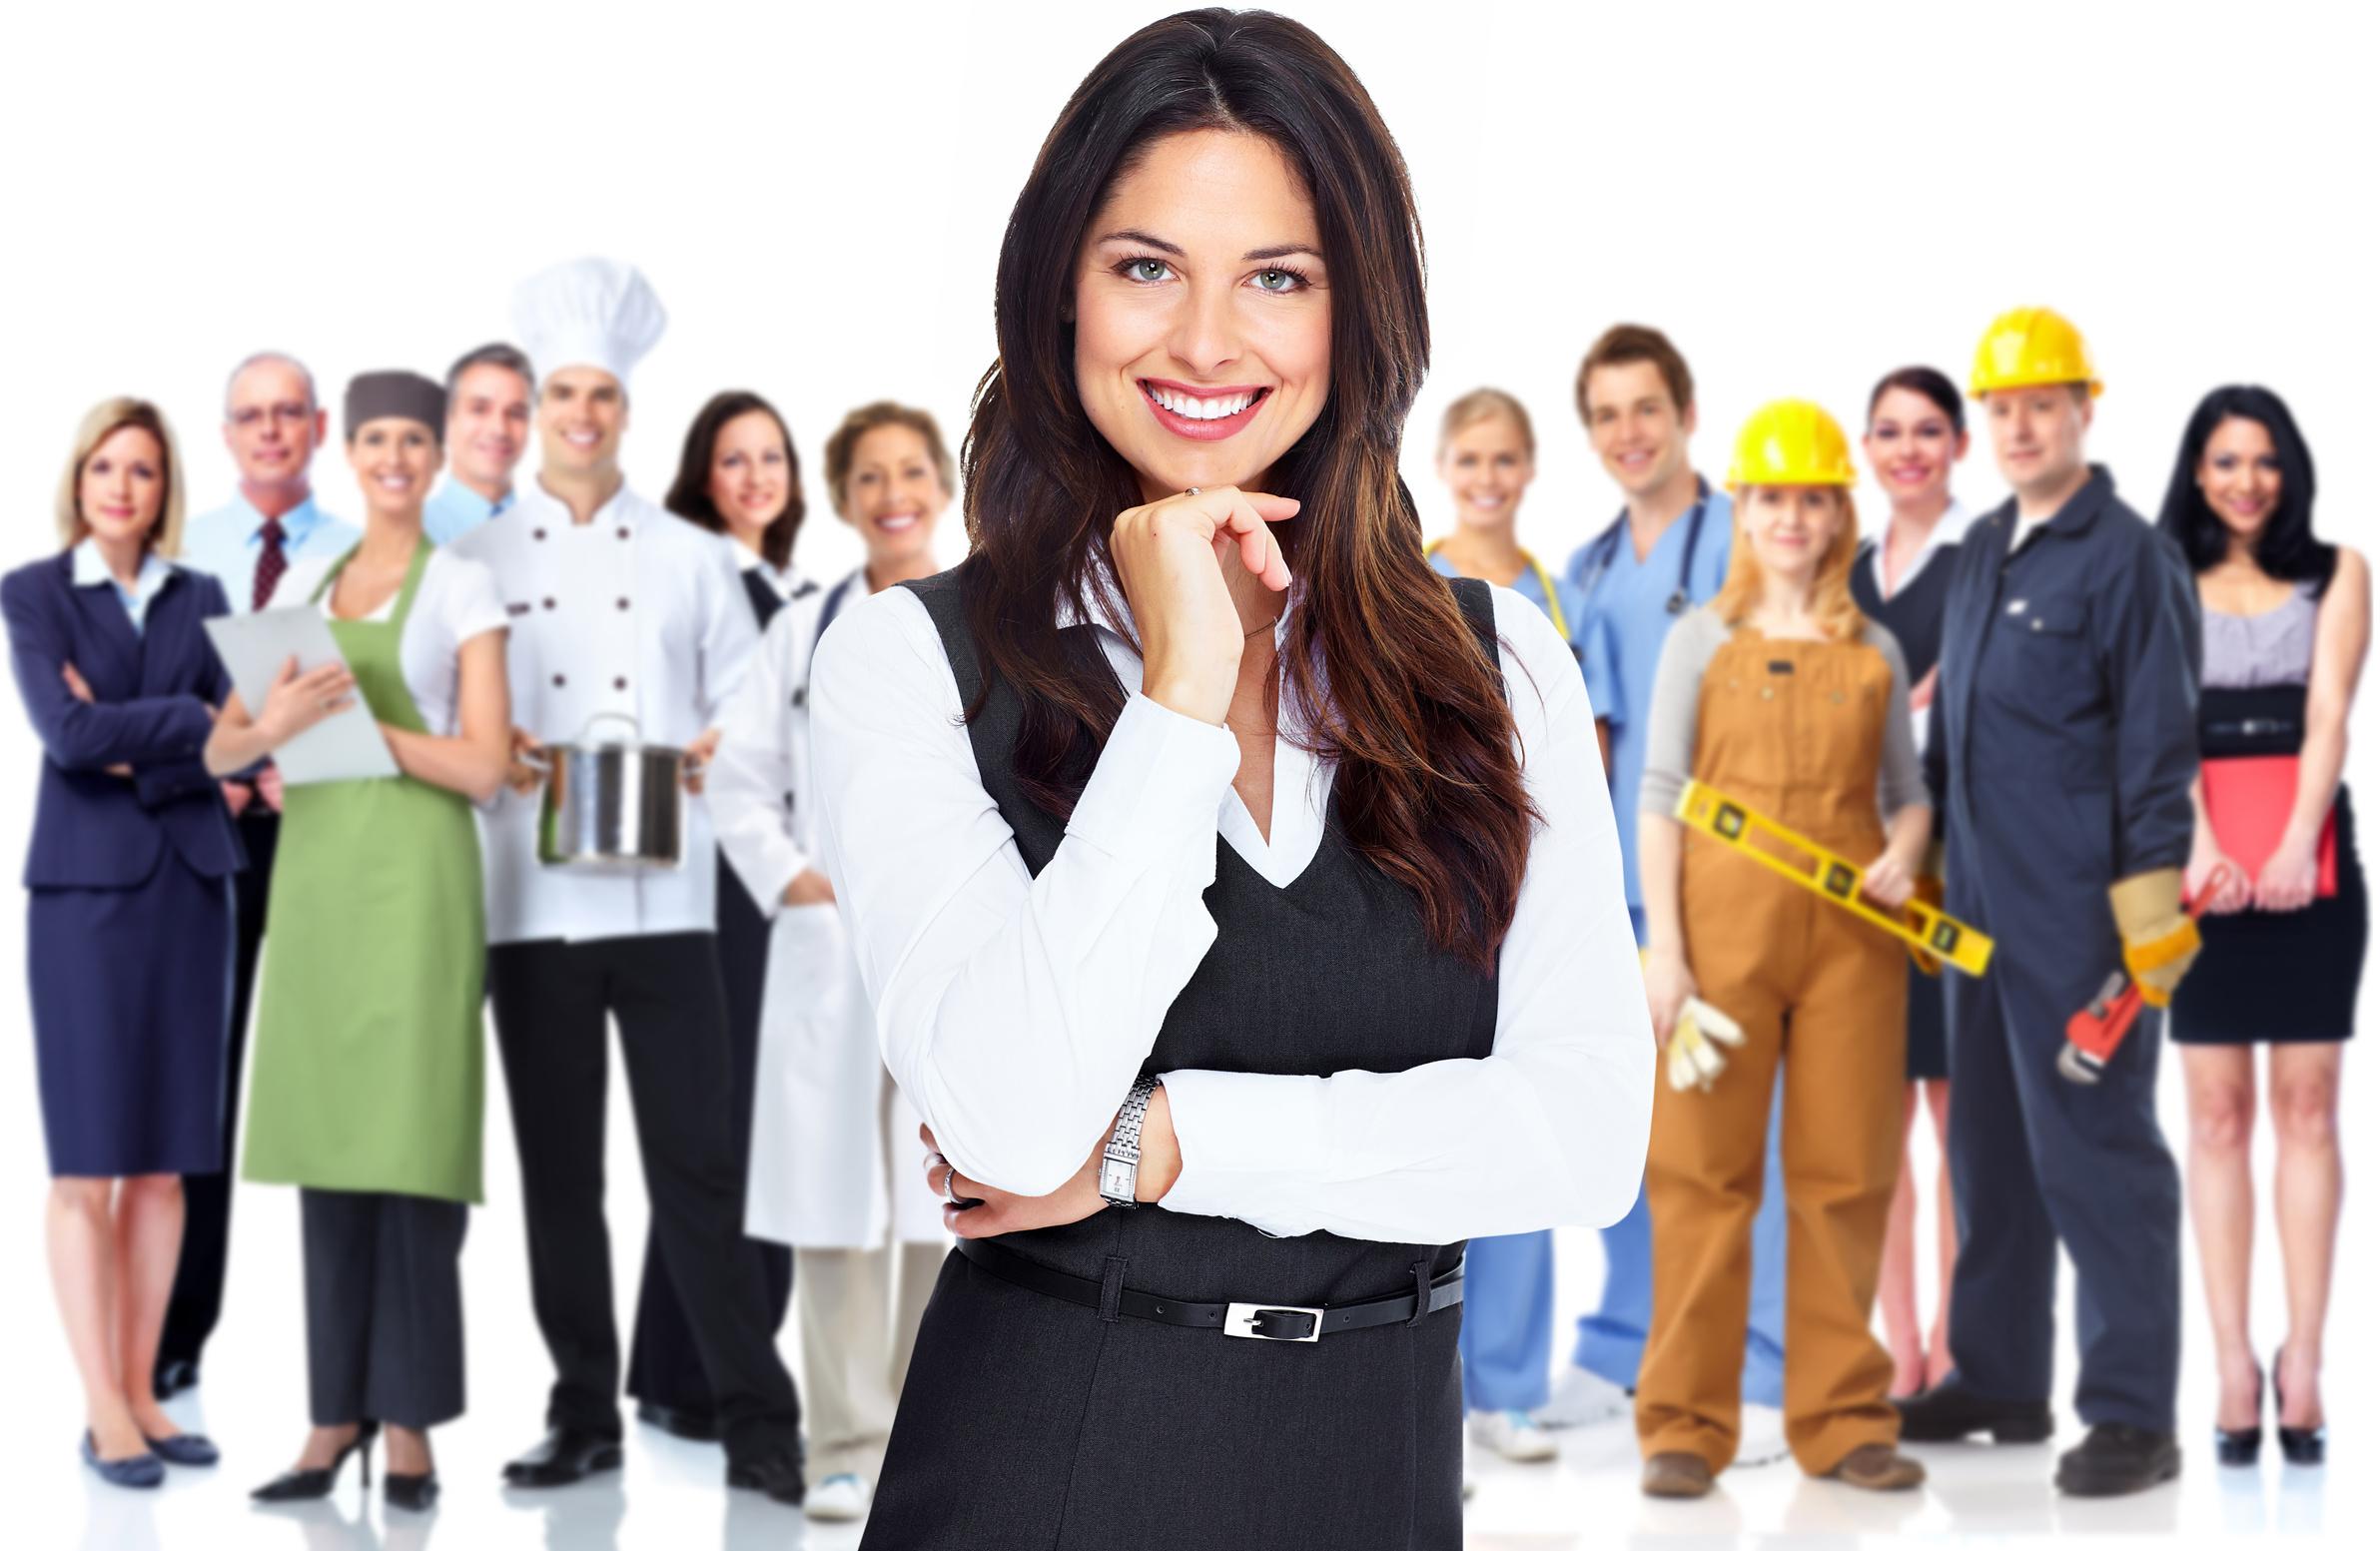 Dịch vụ cung cấp nhân sự của BPO Solution giúp doanh nghiệp hoàn thành tiến độ công việc và đảm bảo chất lượng sản phẩm